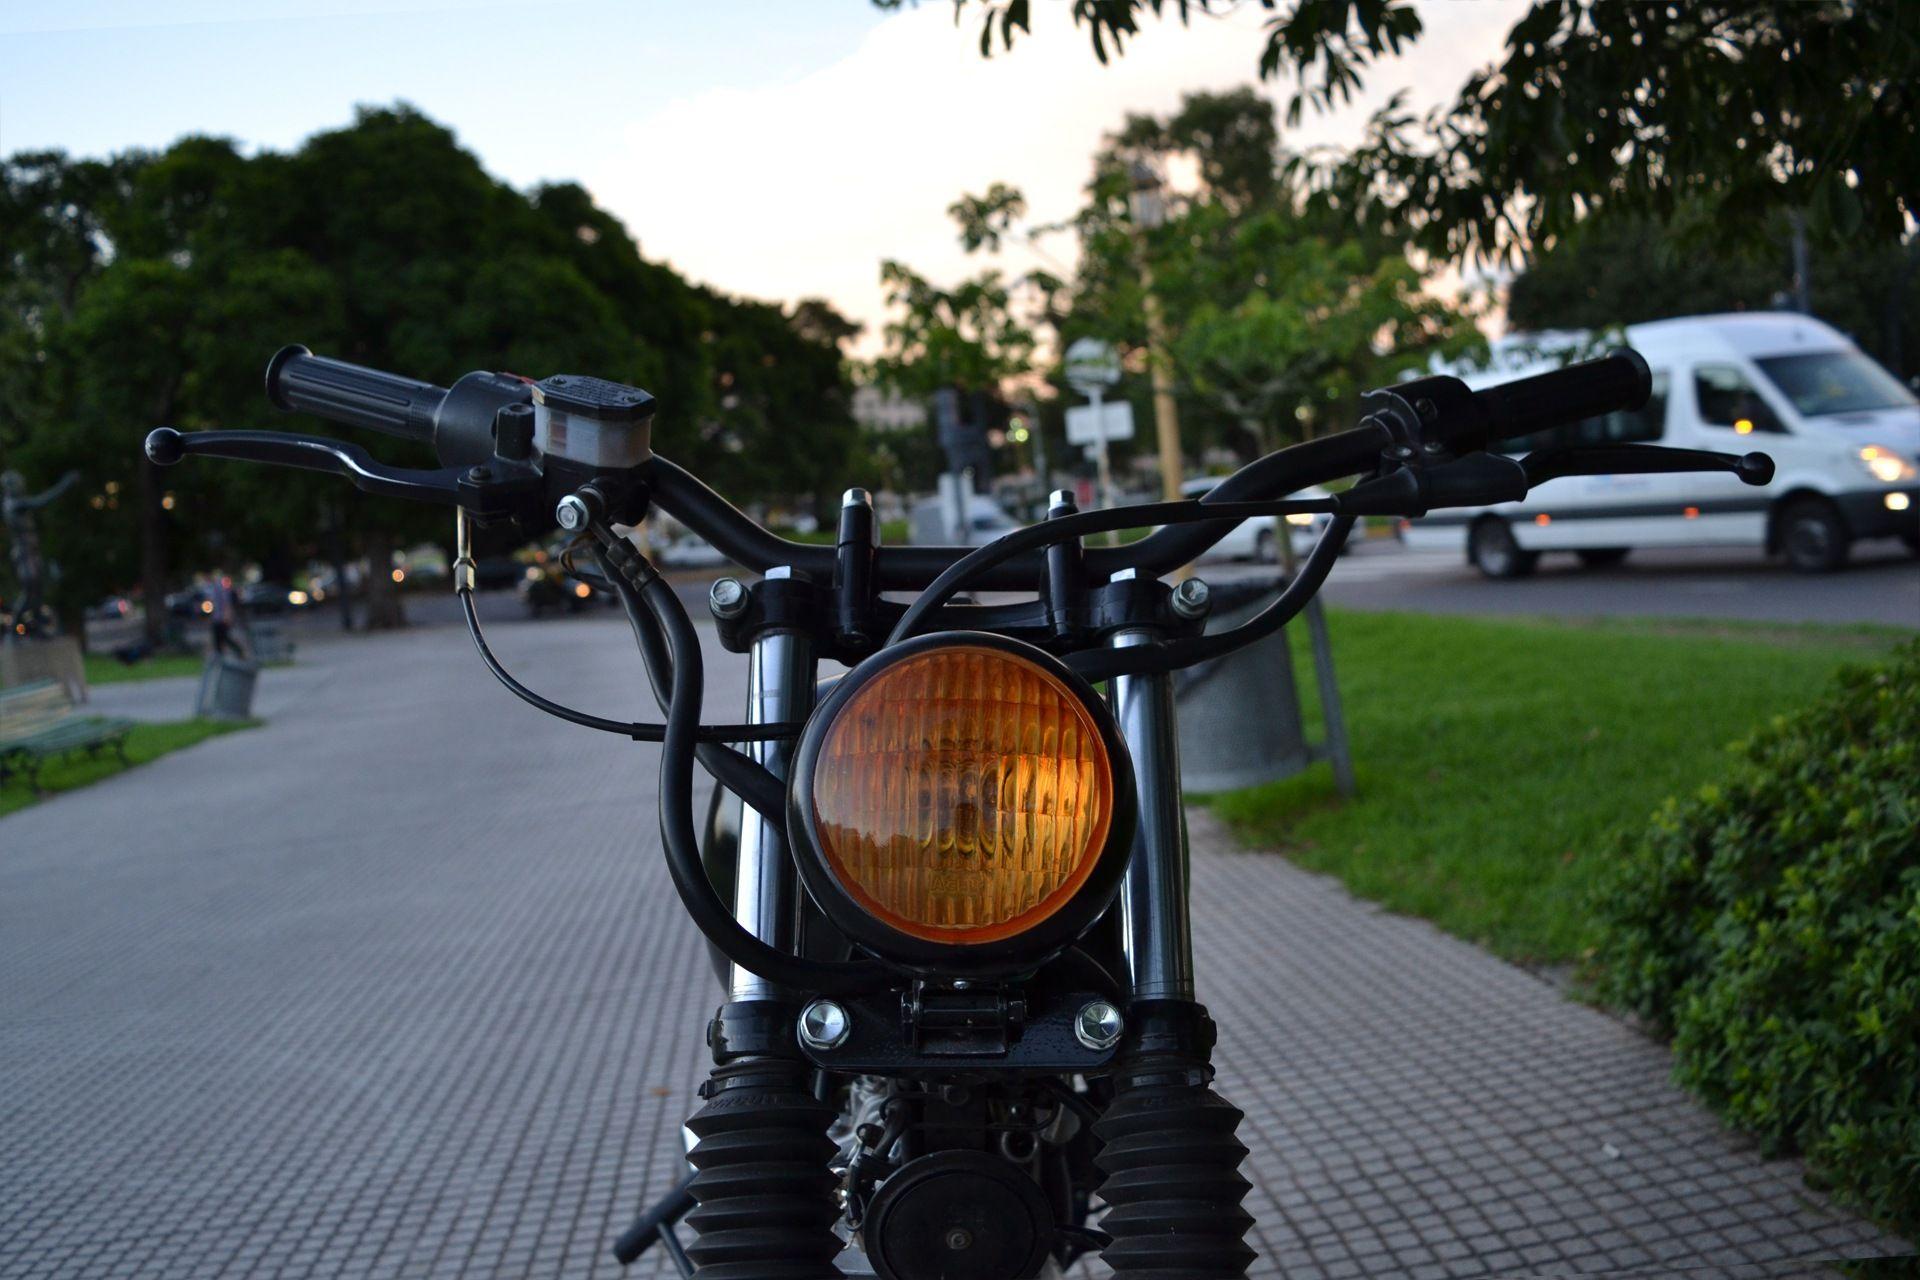 Suzuki Gn 125. Buenos Aires, Argentina.